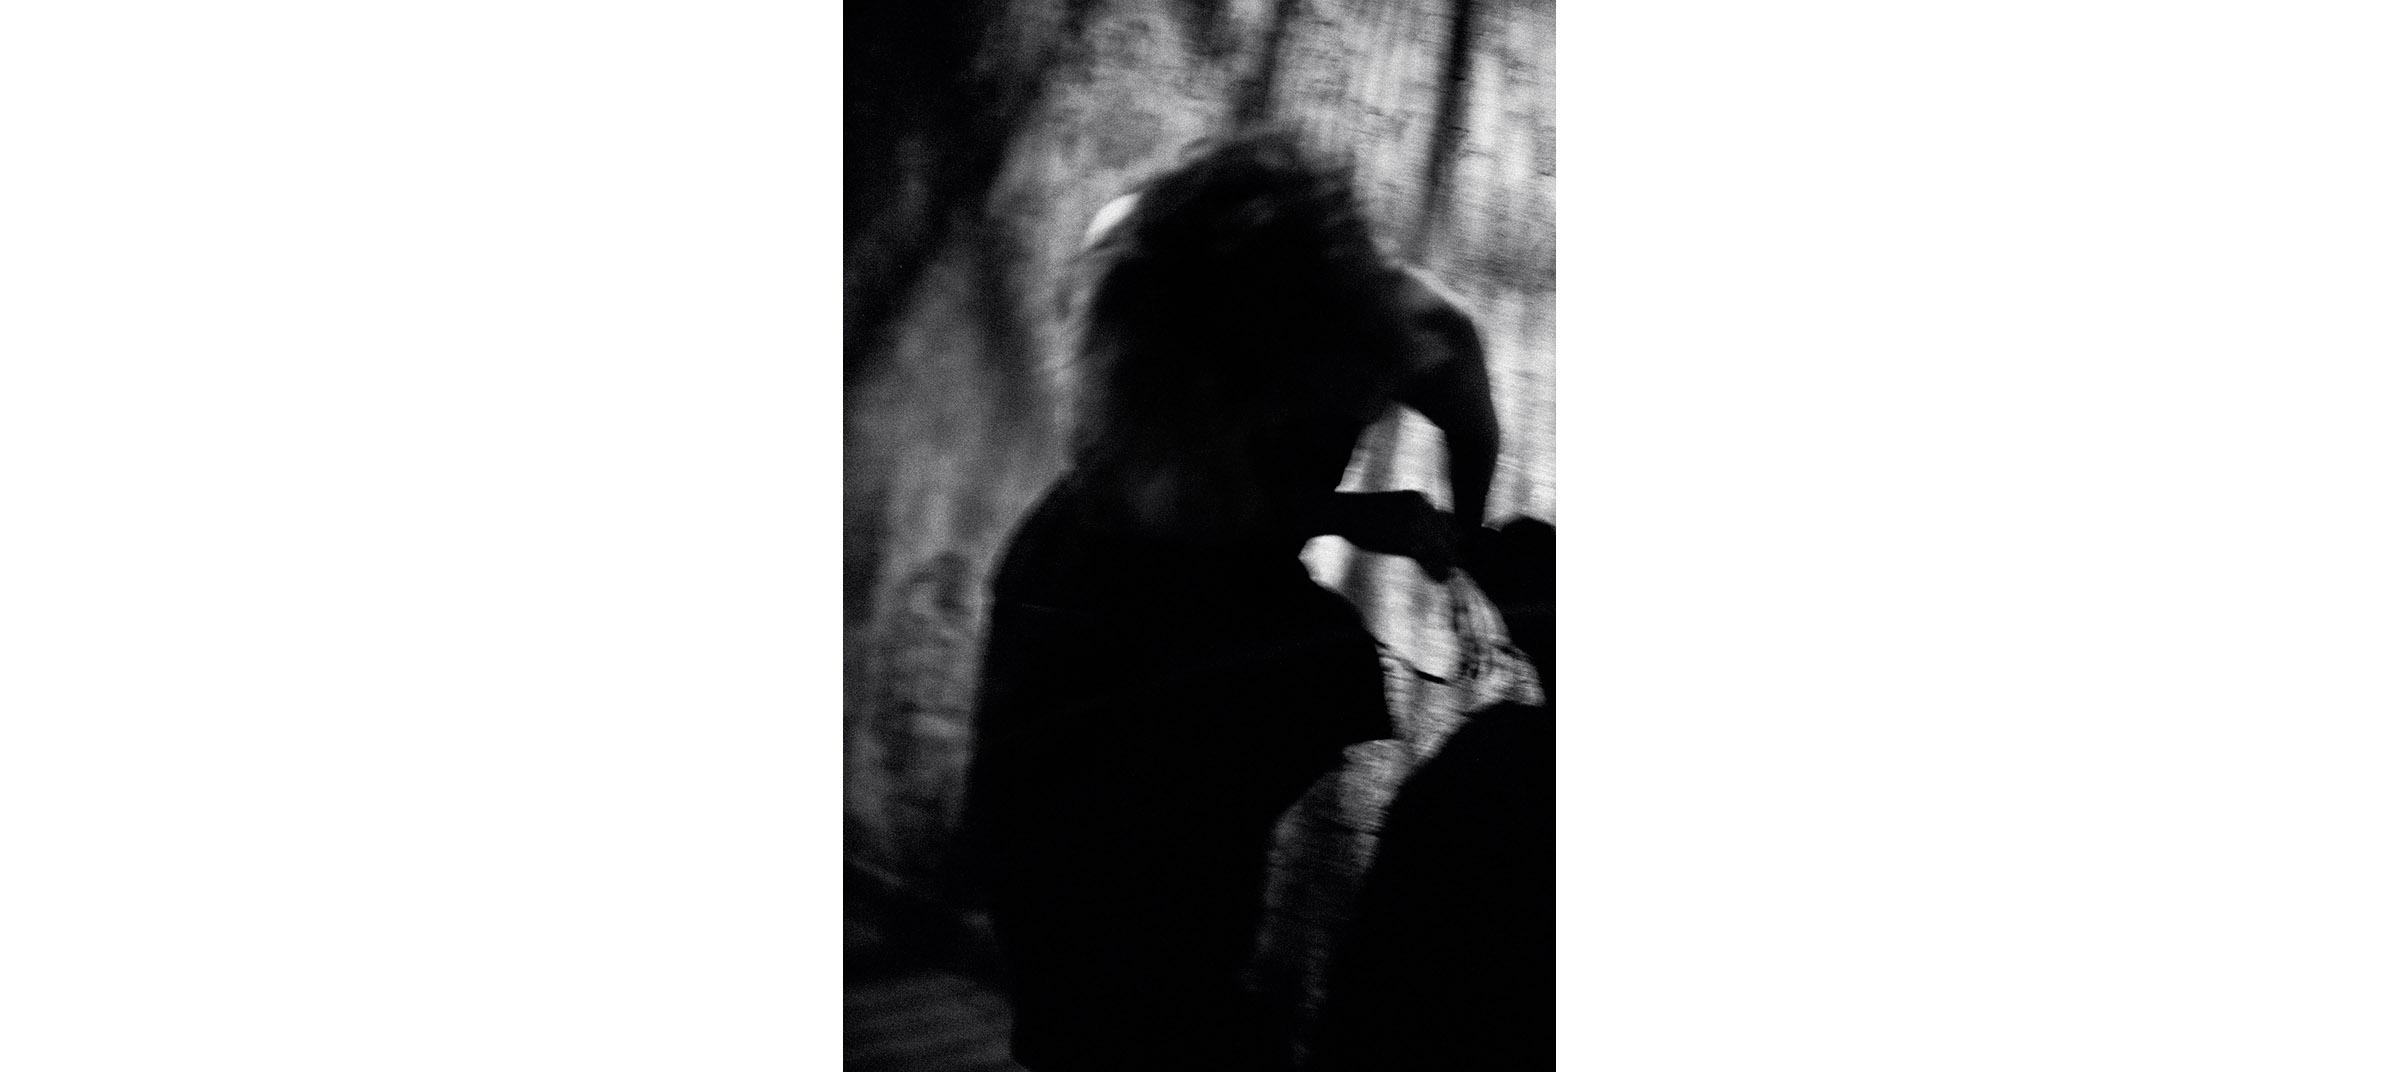 Black & White  Untitled N°29, 1985 Tirage gélatino argentique, 135 x 90 cm | Gelatin silver print, 53,15 x 35,43 inches  3/6